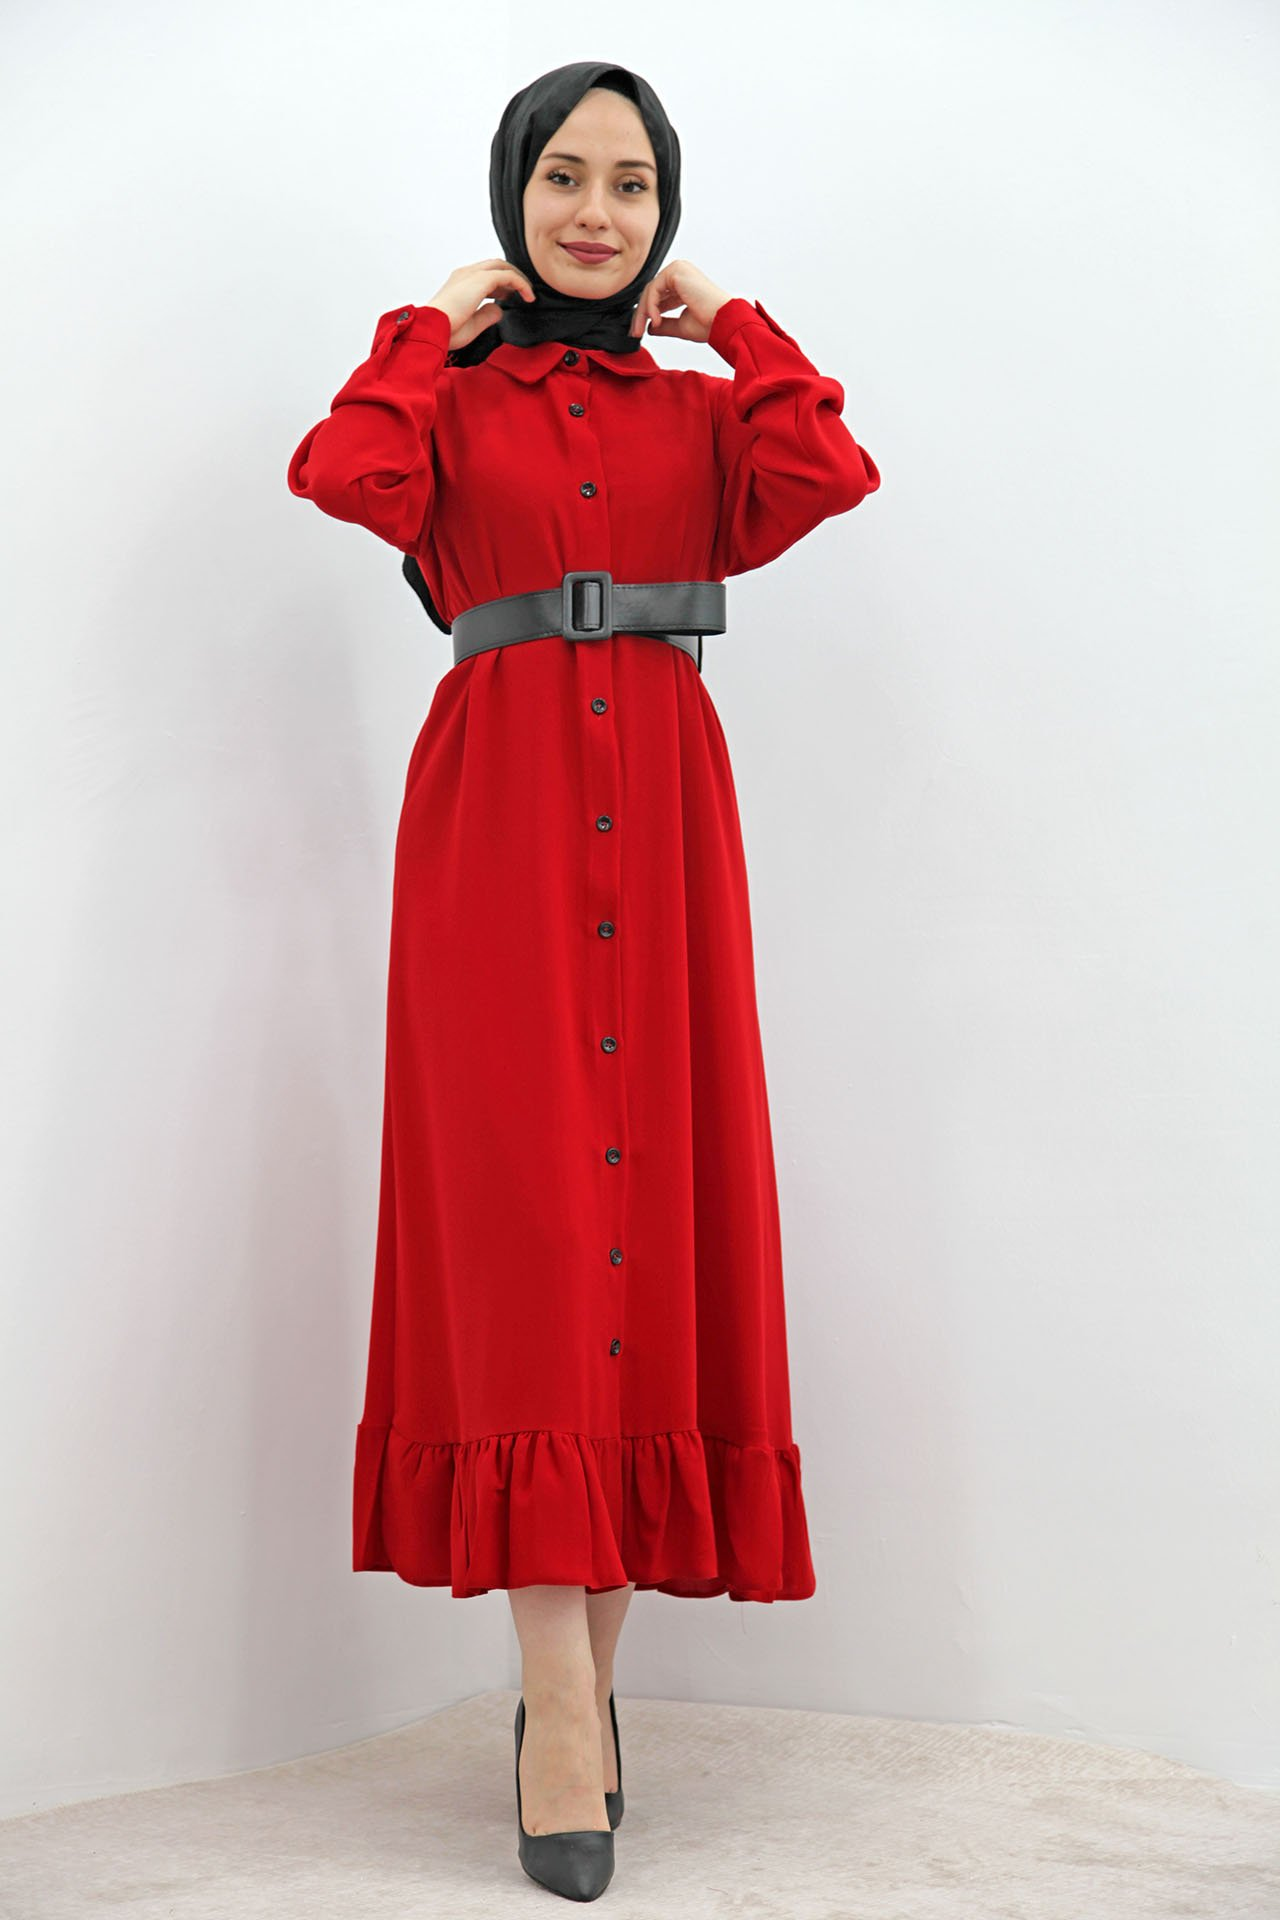 GİZAGİYİM - Altı Fırfırlı Düğmeli Tesettür Elbise Kırmızı